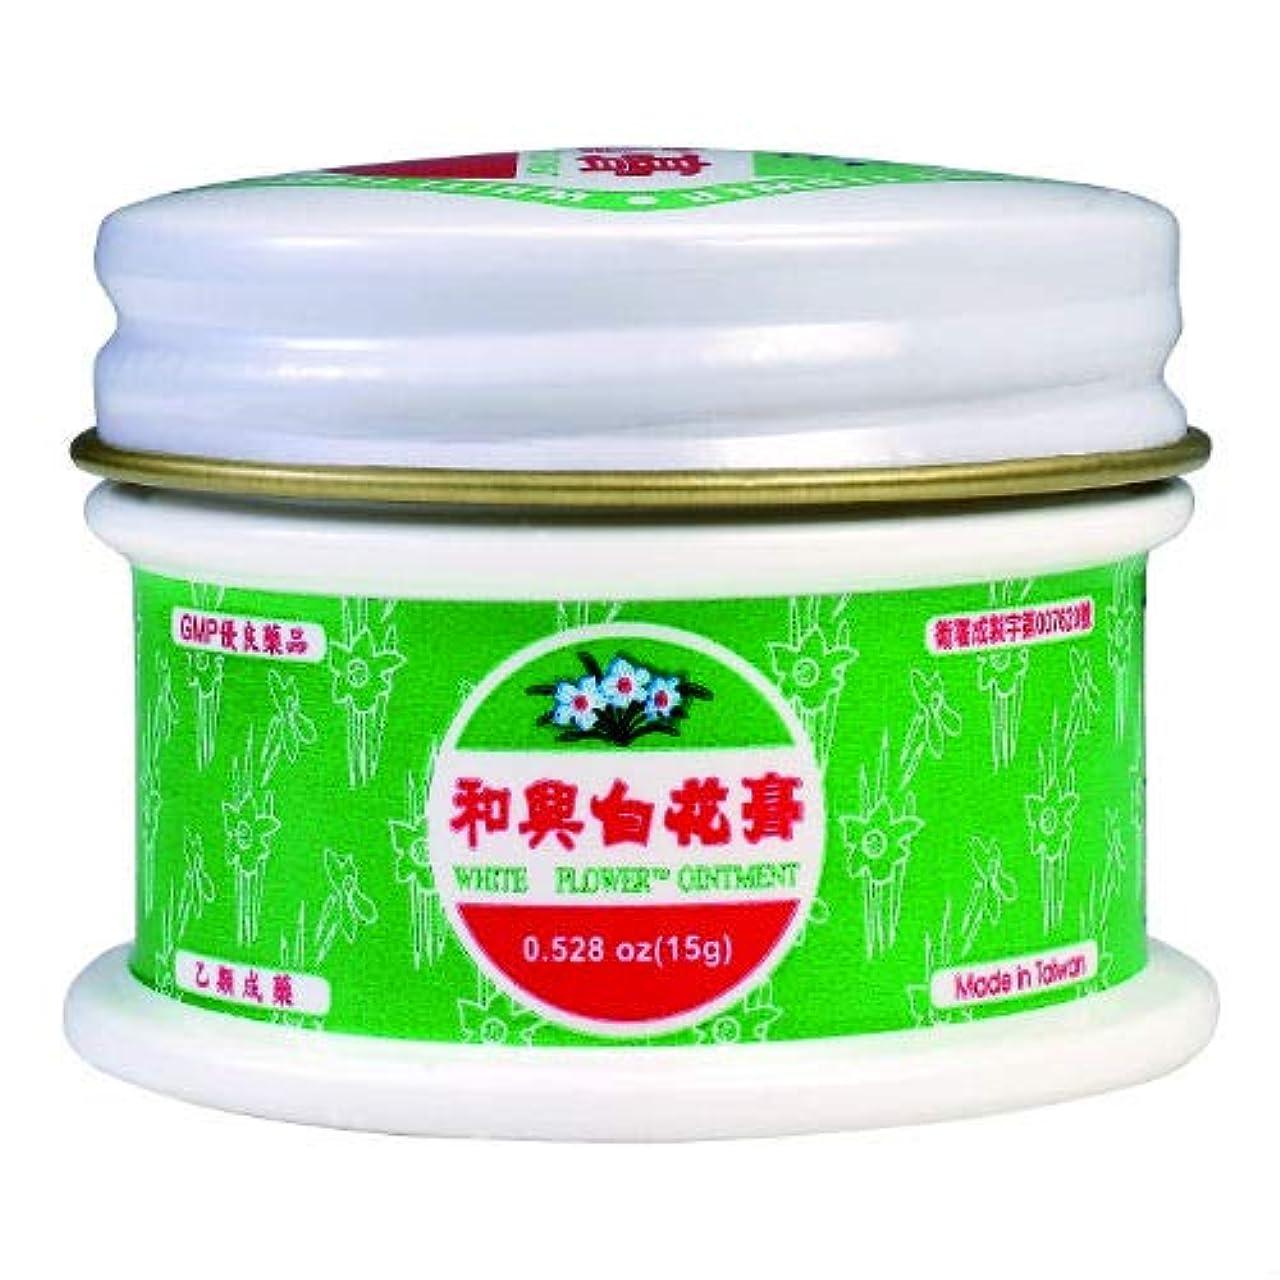 ふつう増強灰台湾 純正版 白花膏 15g( 白花油軟膏タイプ )